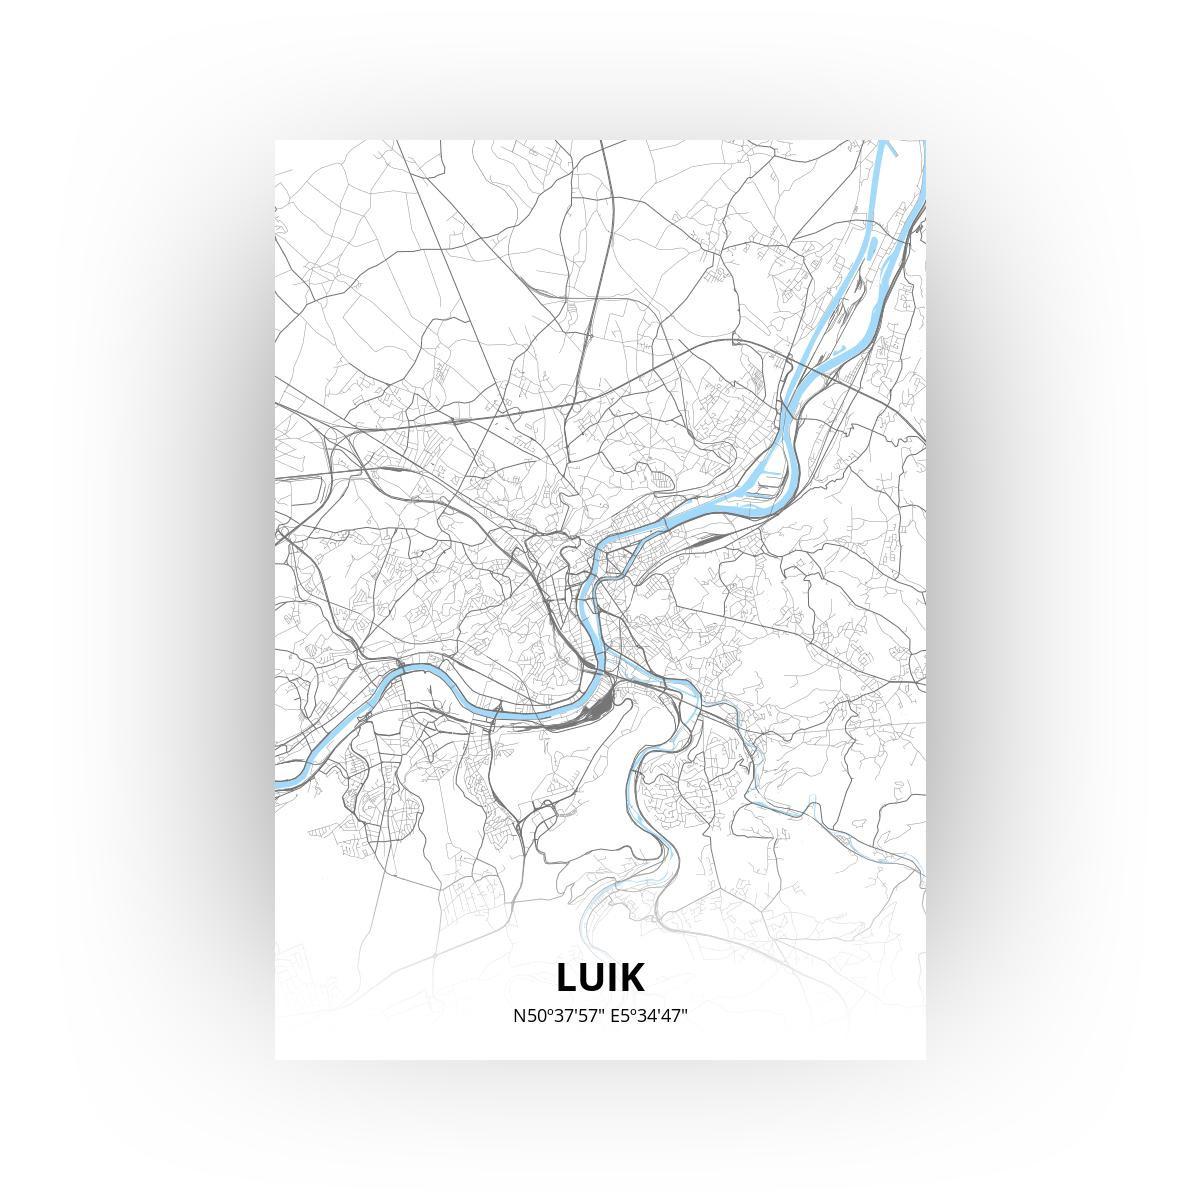 Luik poster - Zelf aan te passen!